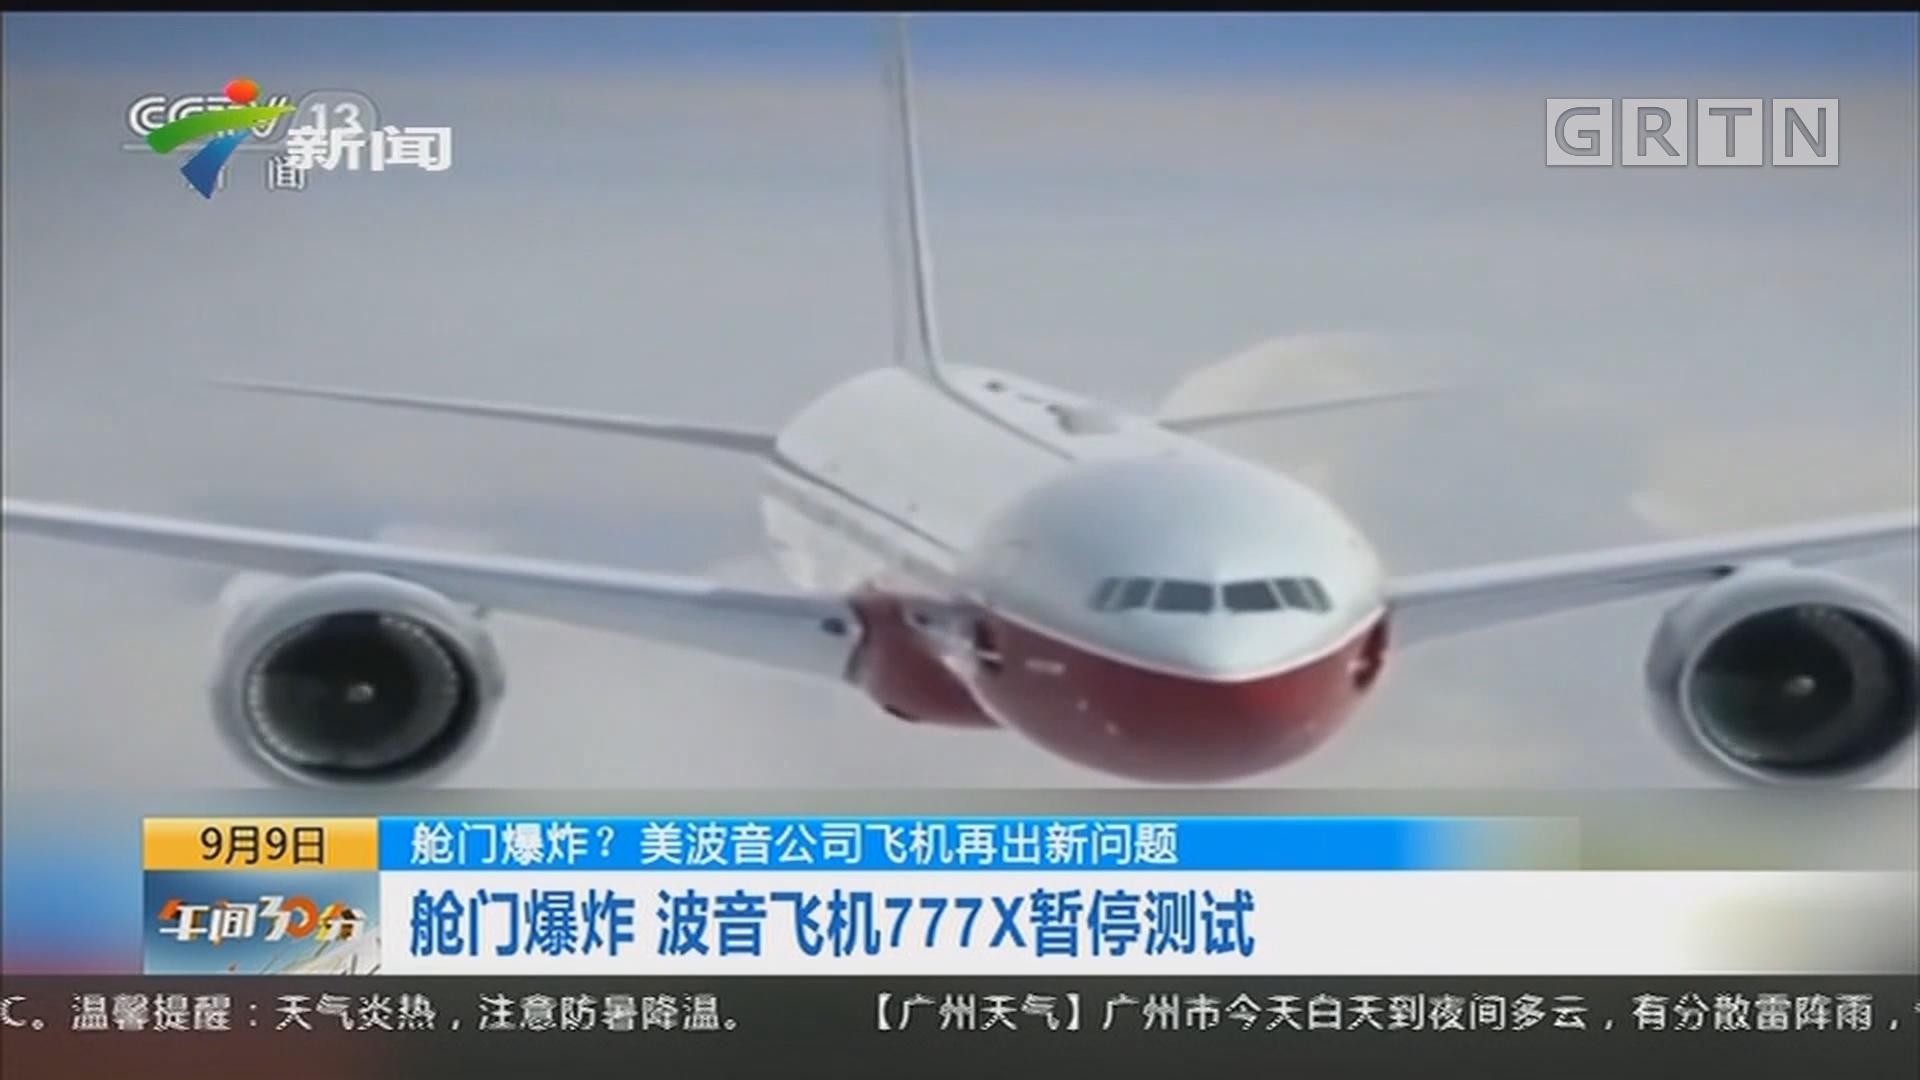 舱门爆炸?美波音公司飞机再出新问题 舱门爆炸 波音飞机777X暂停测试